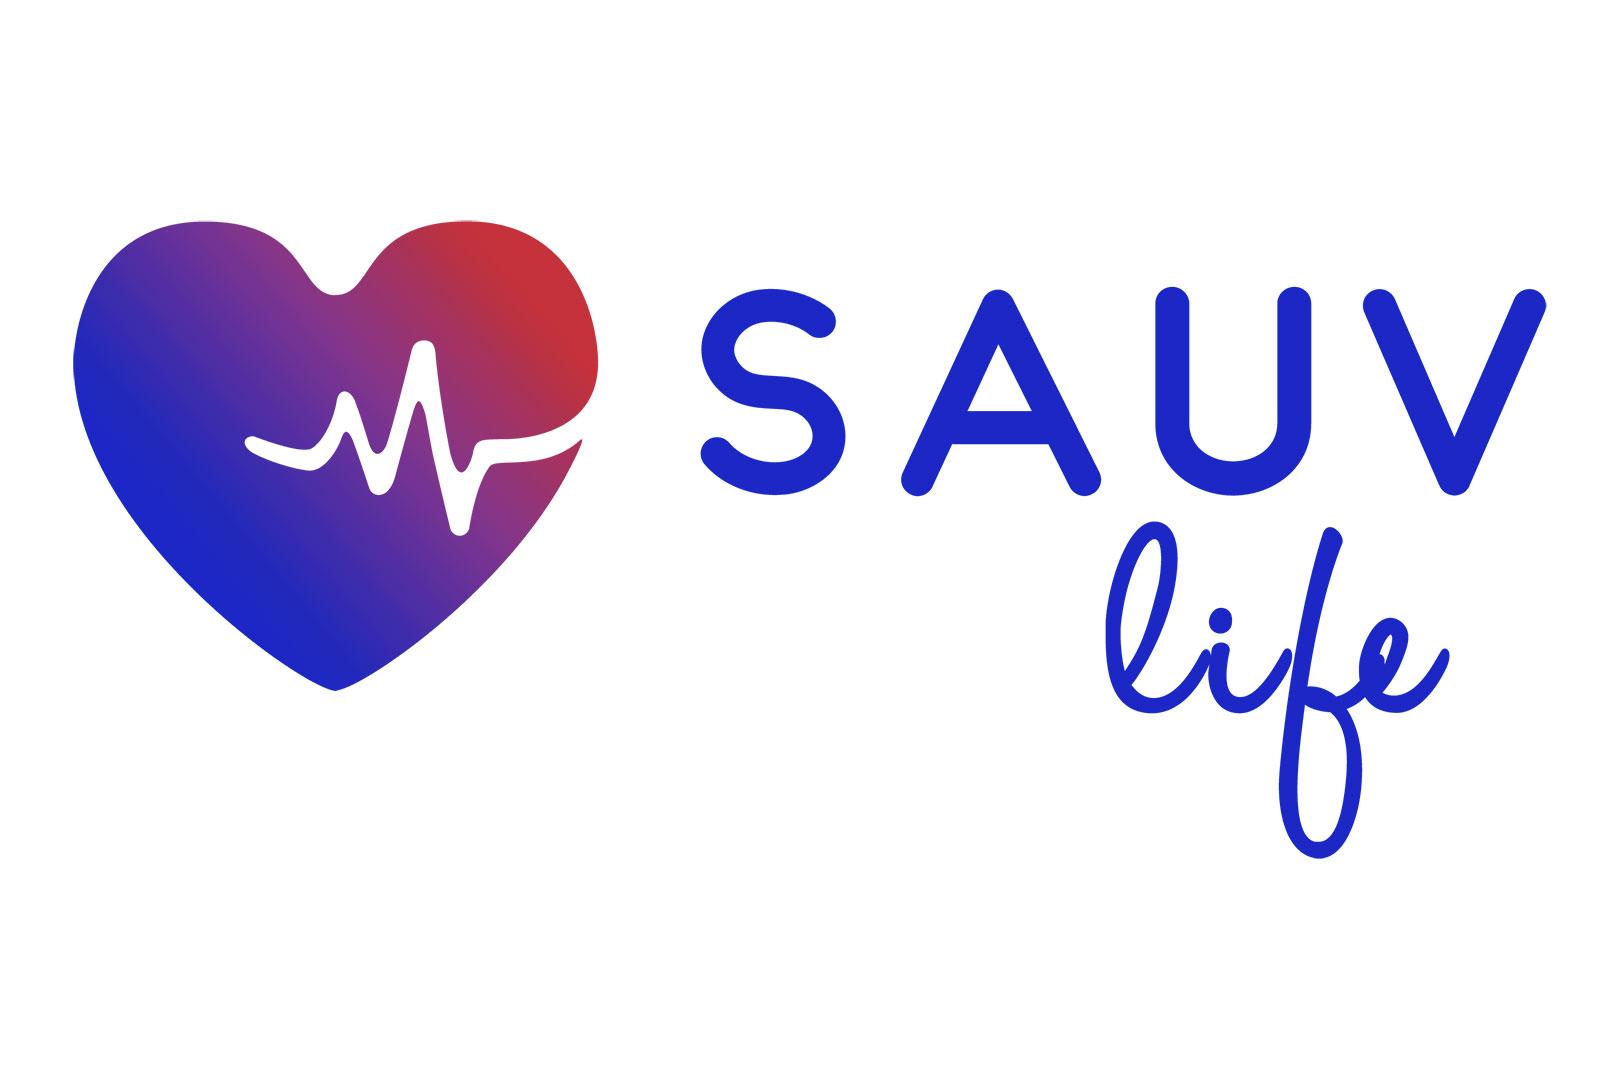 Téléchargez Sauv Life sur votre smartphone et sauvez des vies !